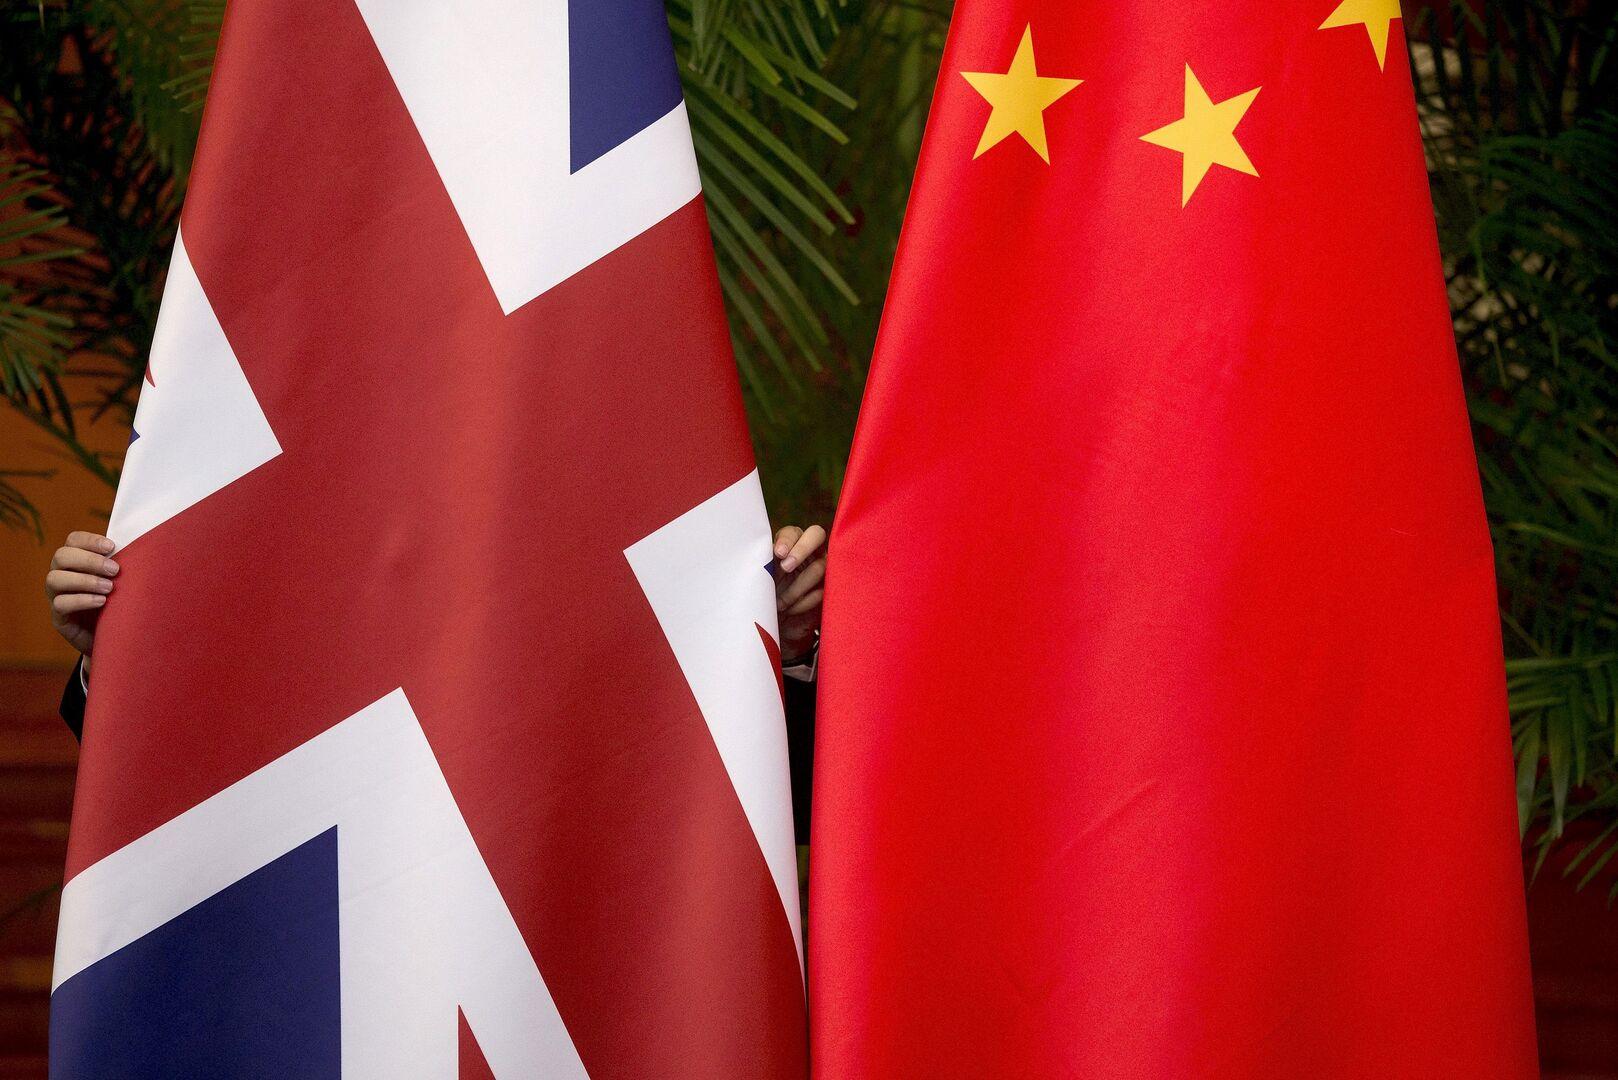 الصين: على بريطانيا إعادة بناء علاقتها معنا